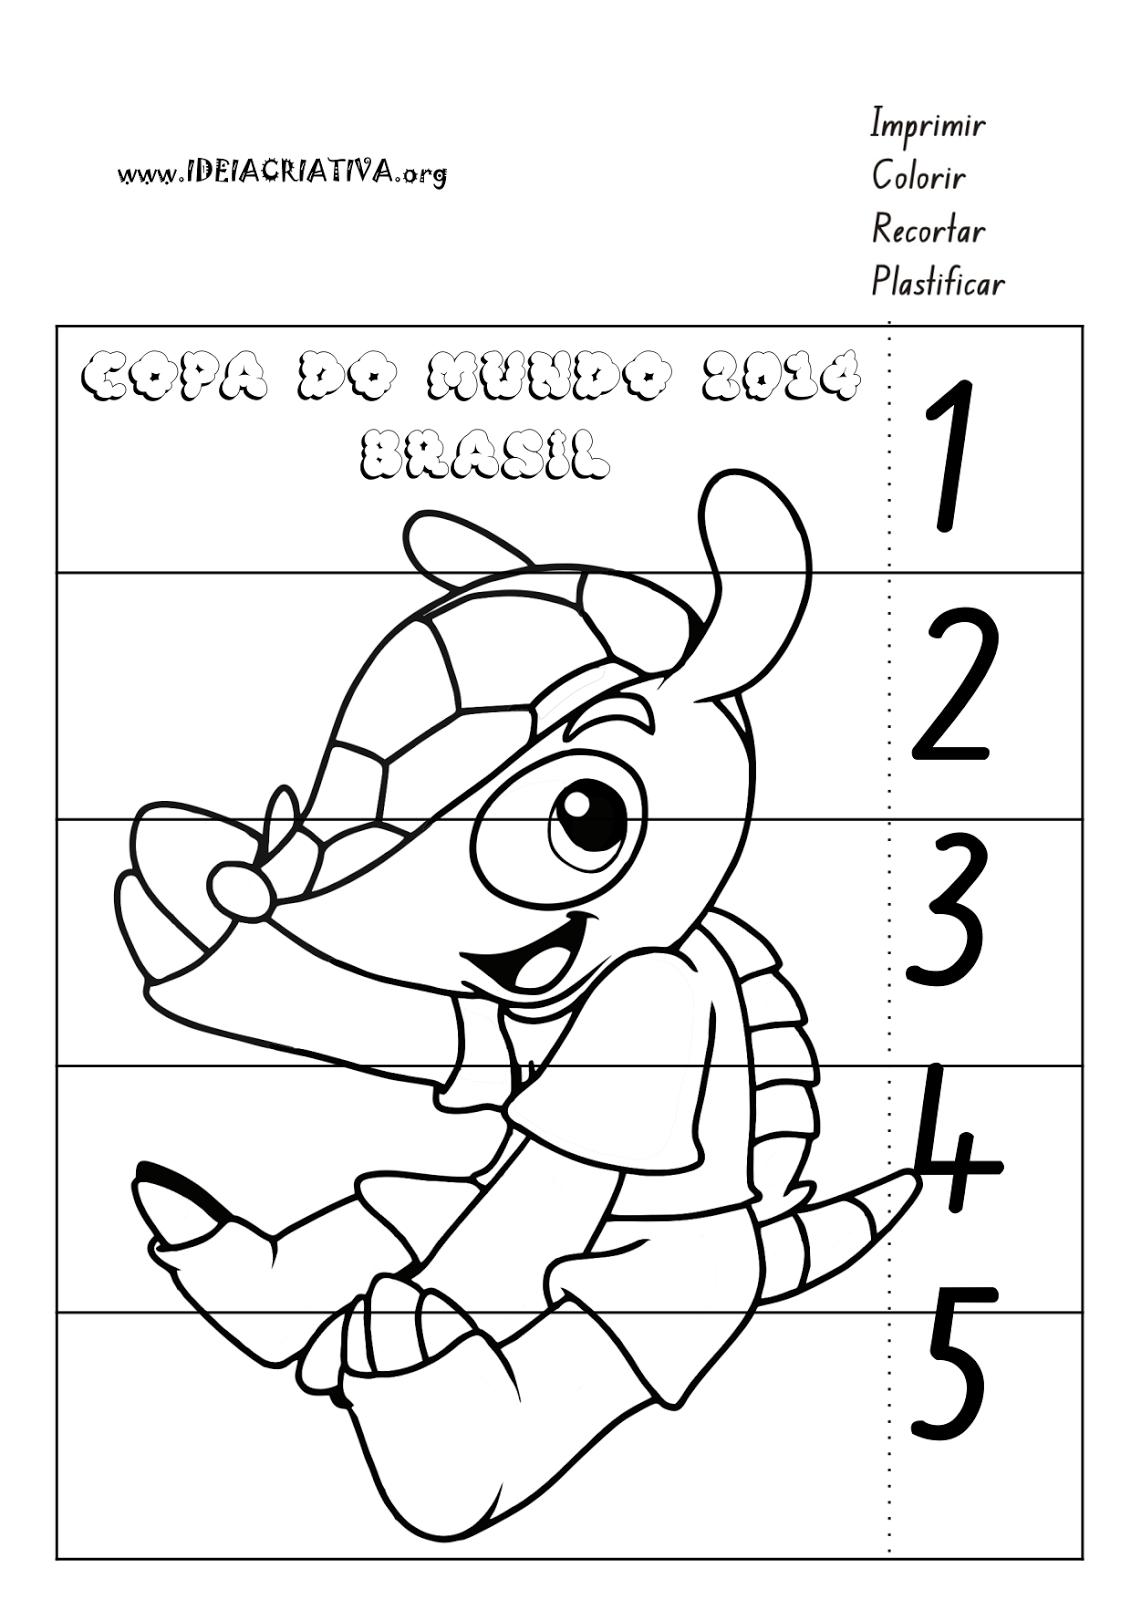 Puzzle Mascote Copa do Mundo